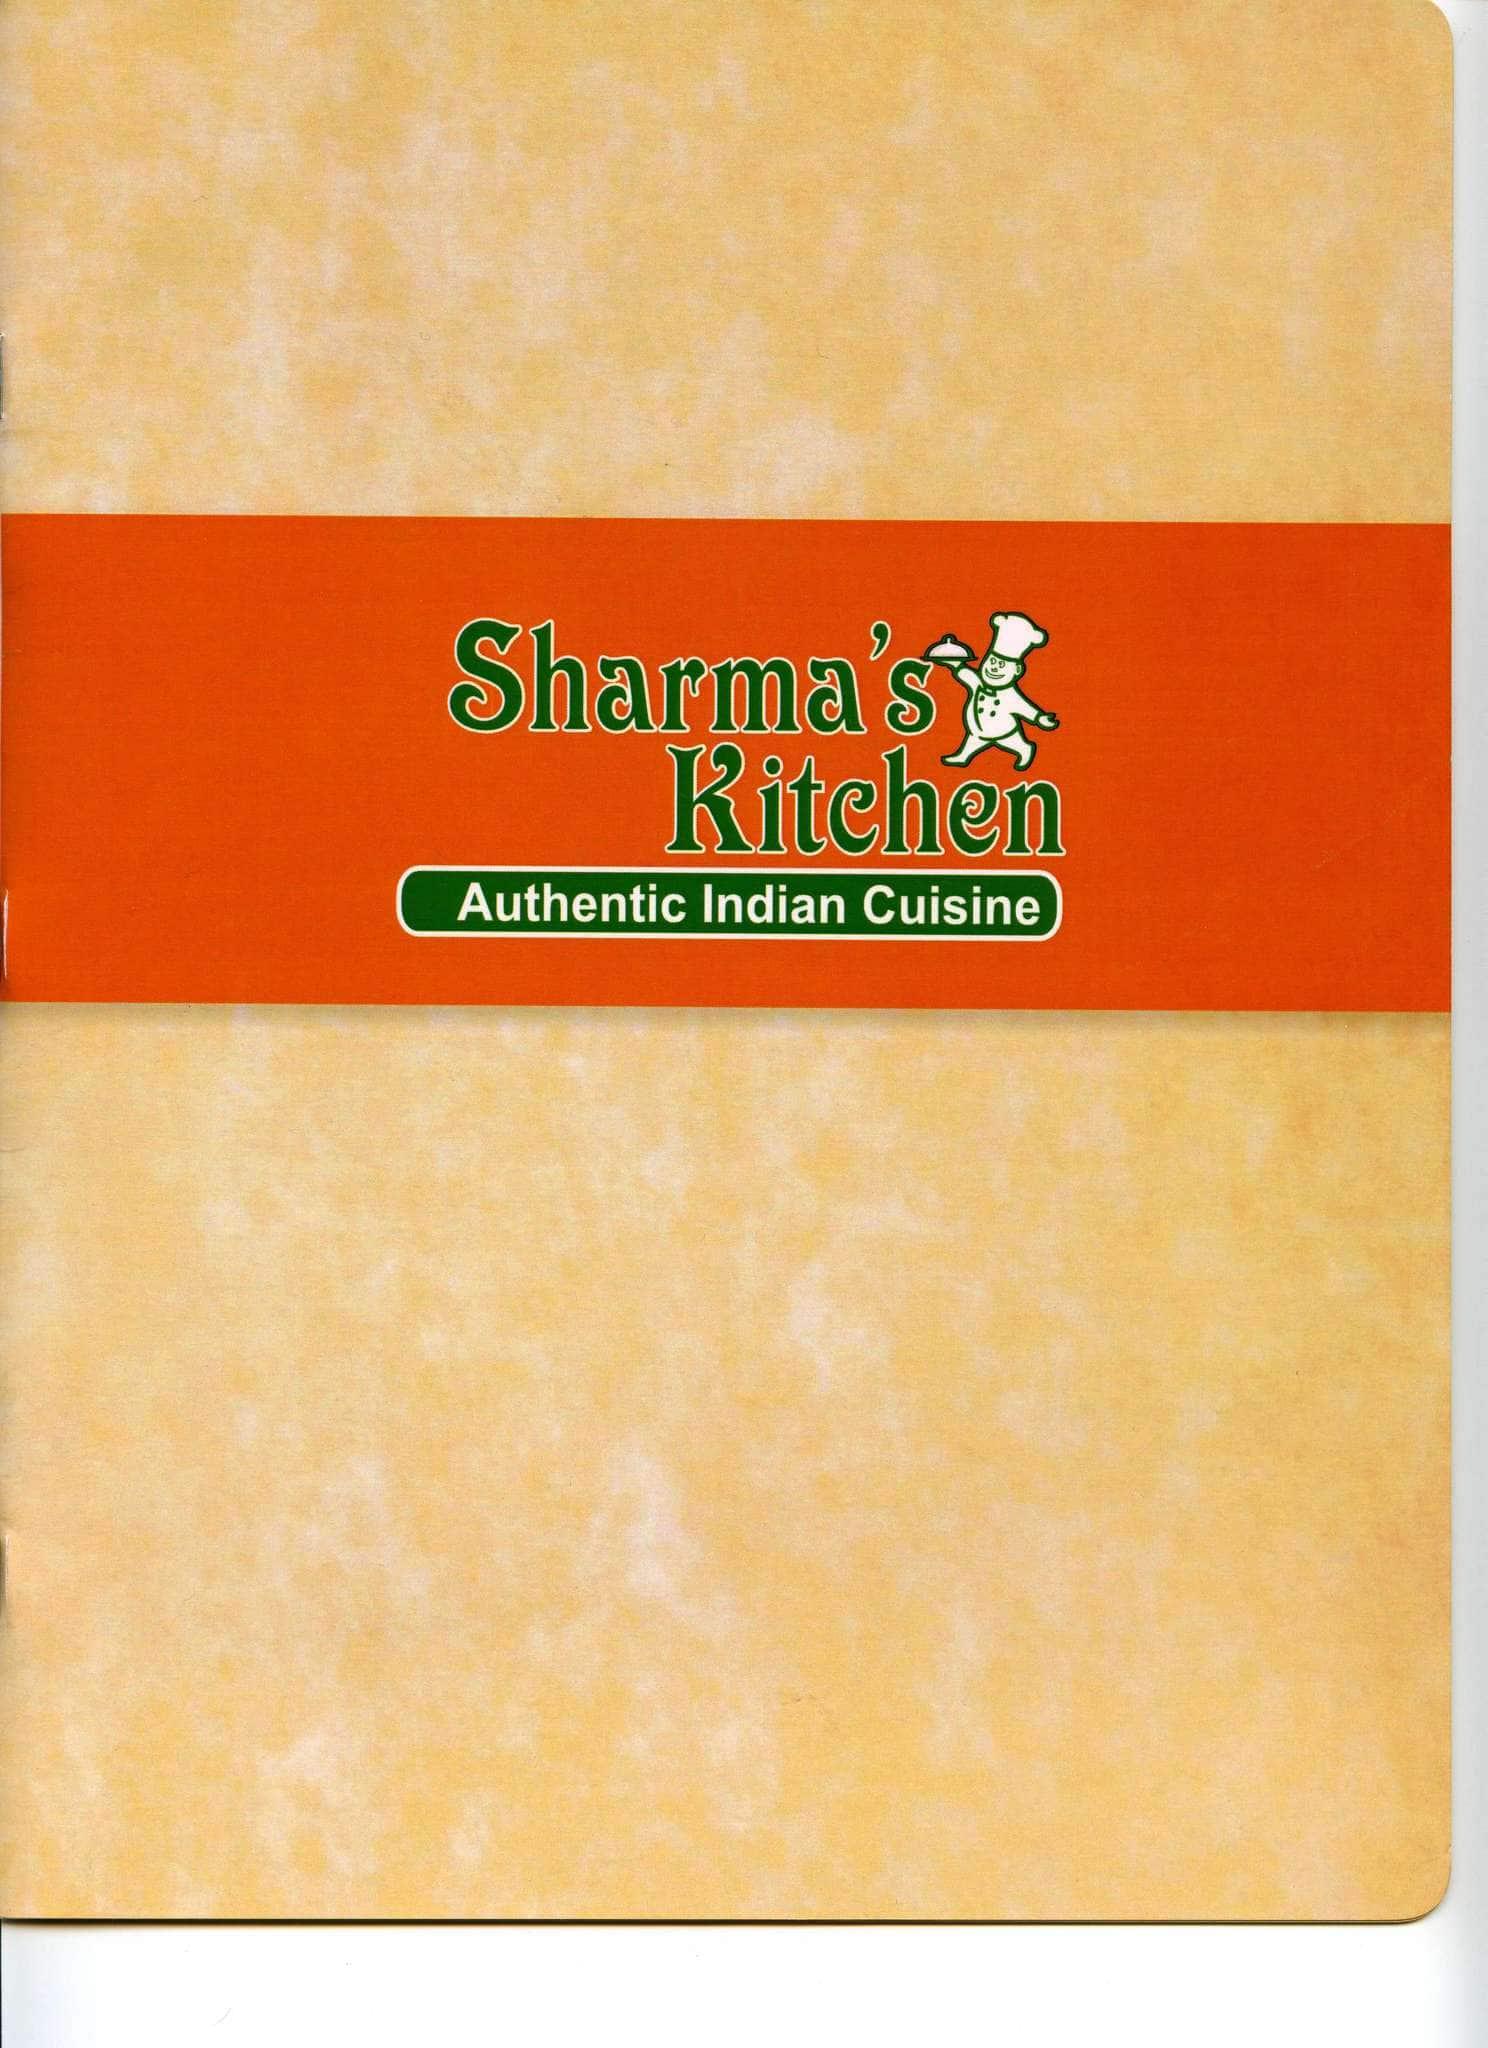 Sharma's Kitchen Menu, Menu for Sharma